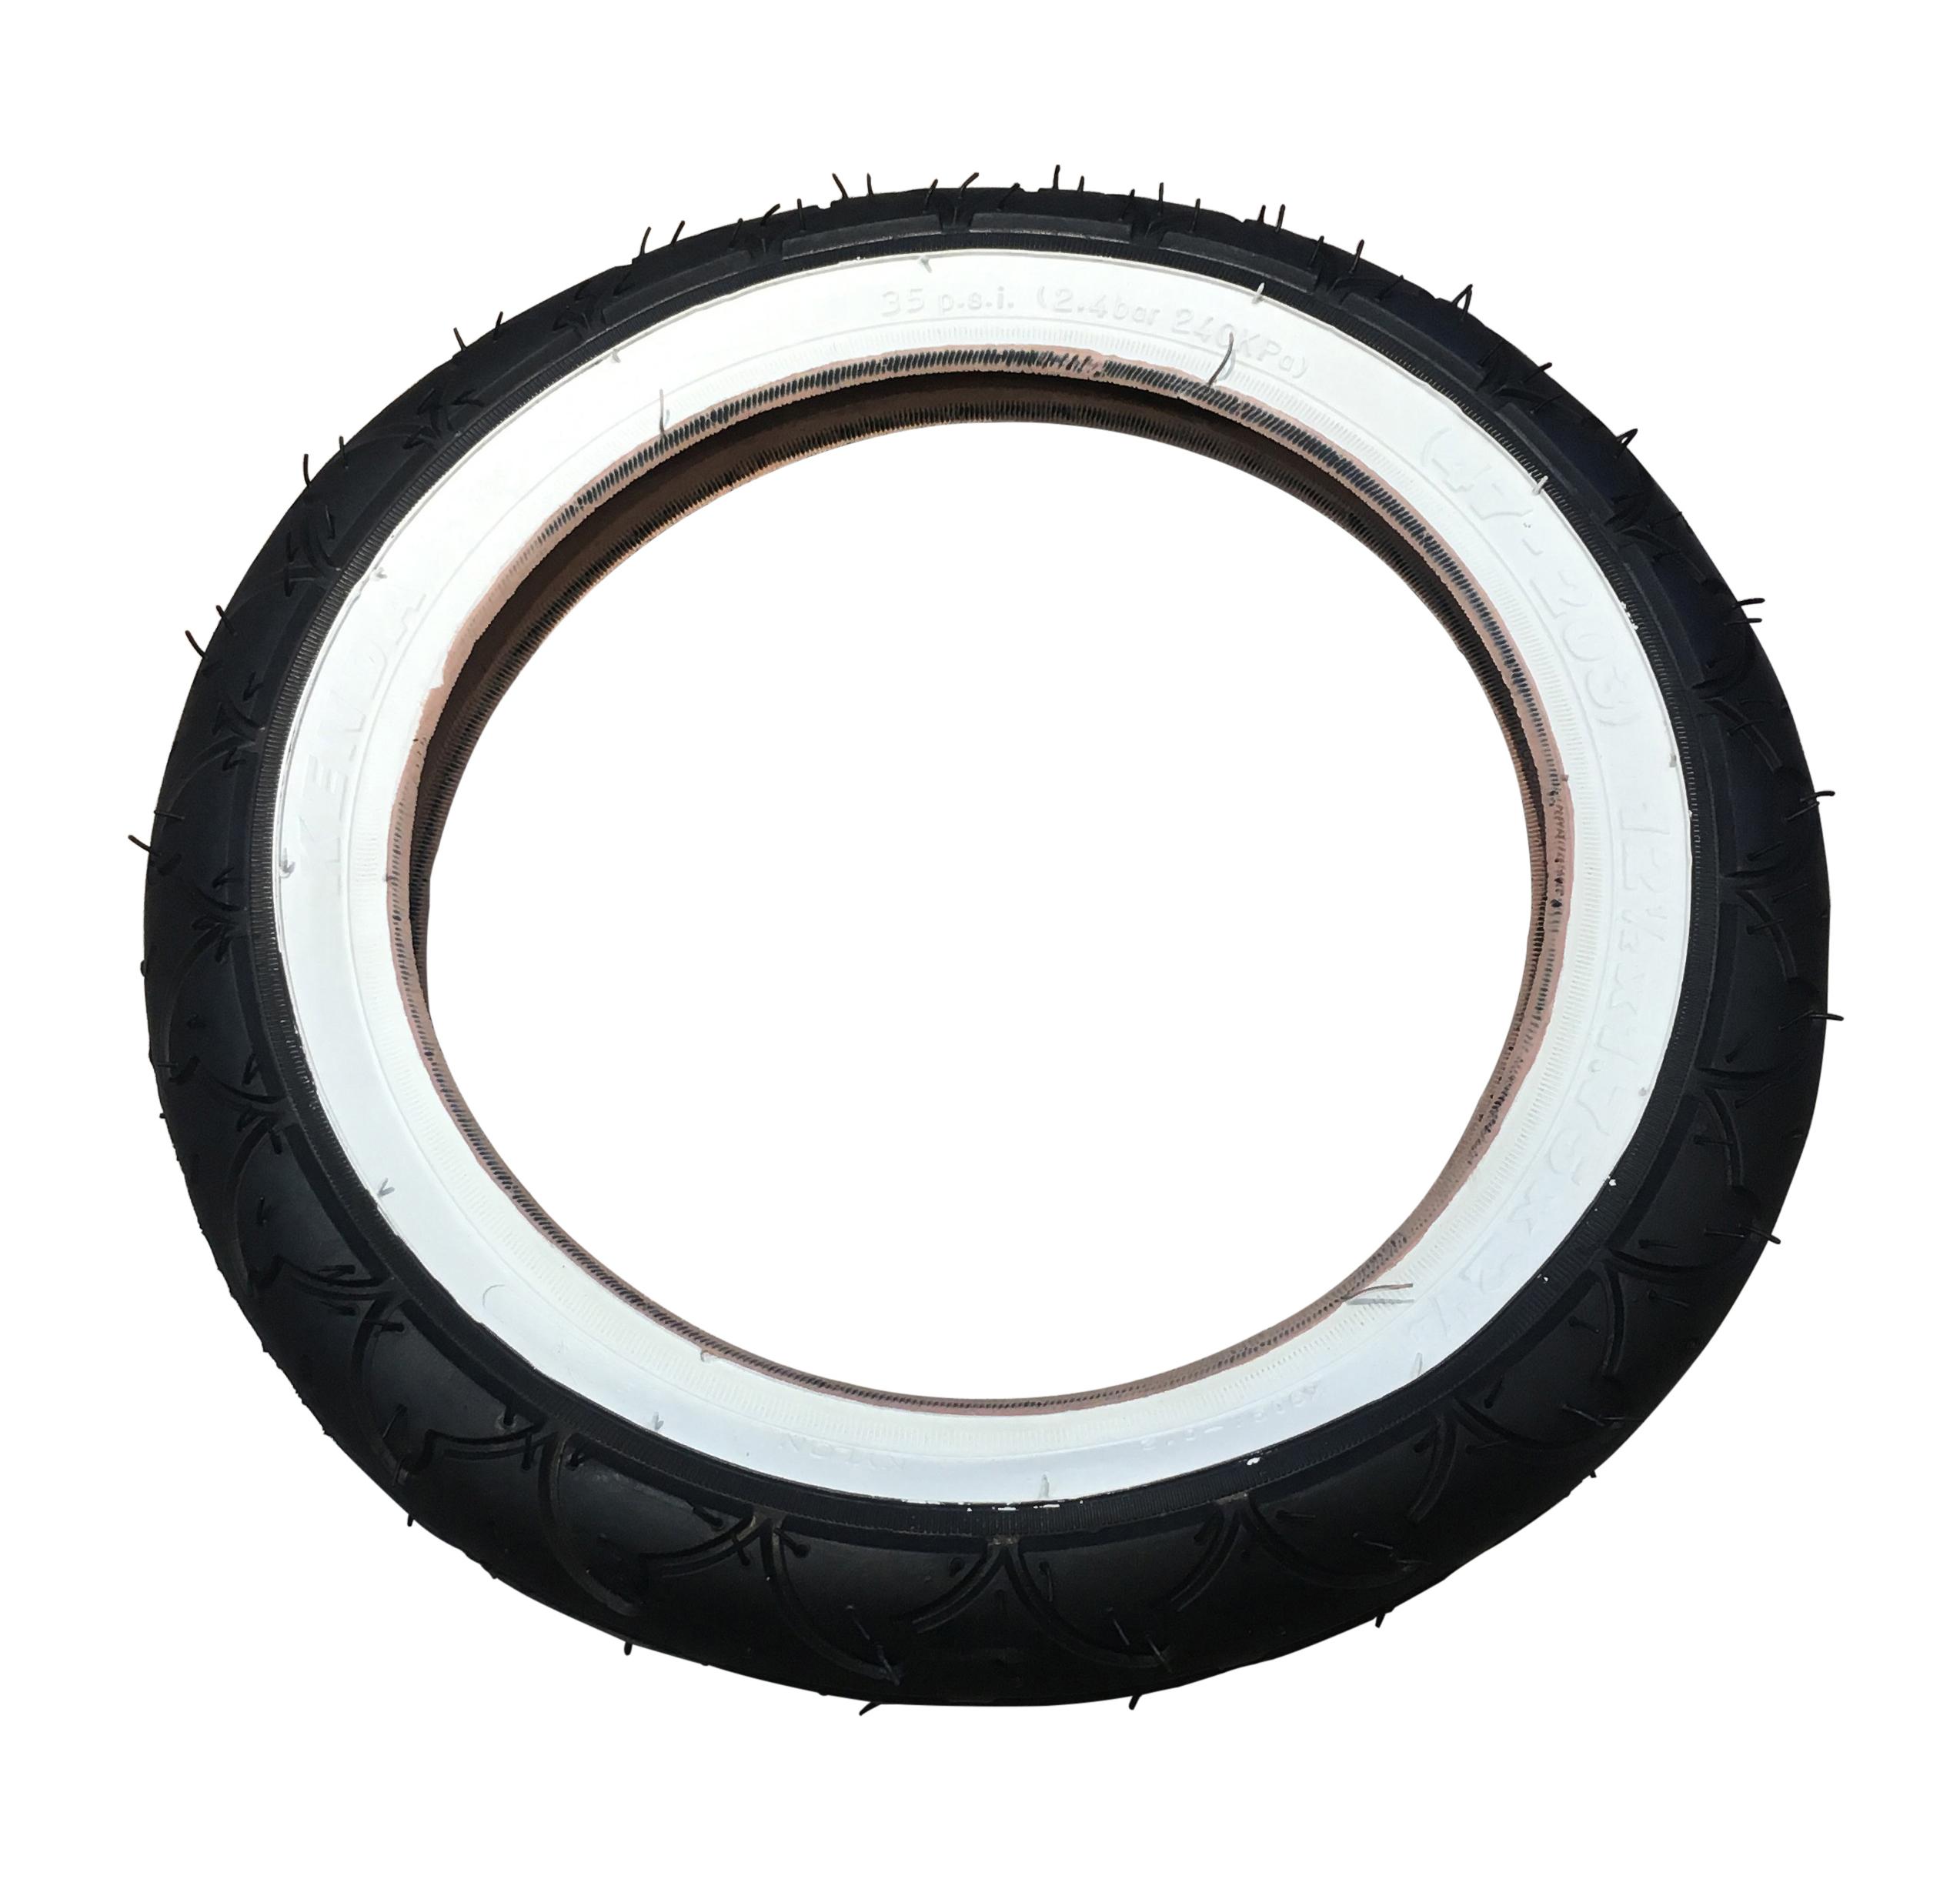 """【タイヤ】Phil&teds 12"""" tire フィルアンドテッズ 12インチタイヤ(チューブなし)×1"""